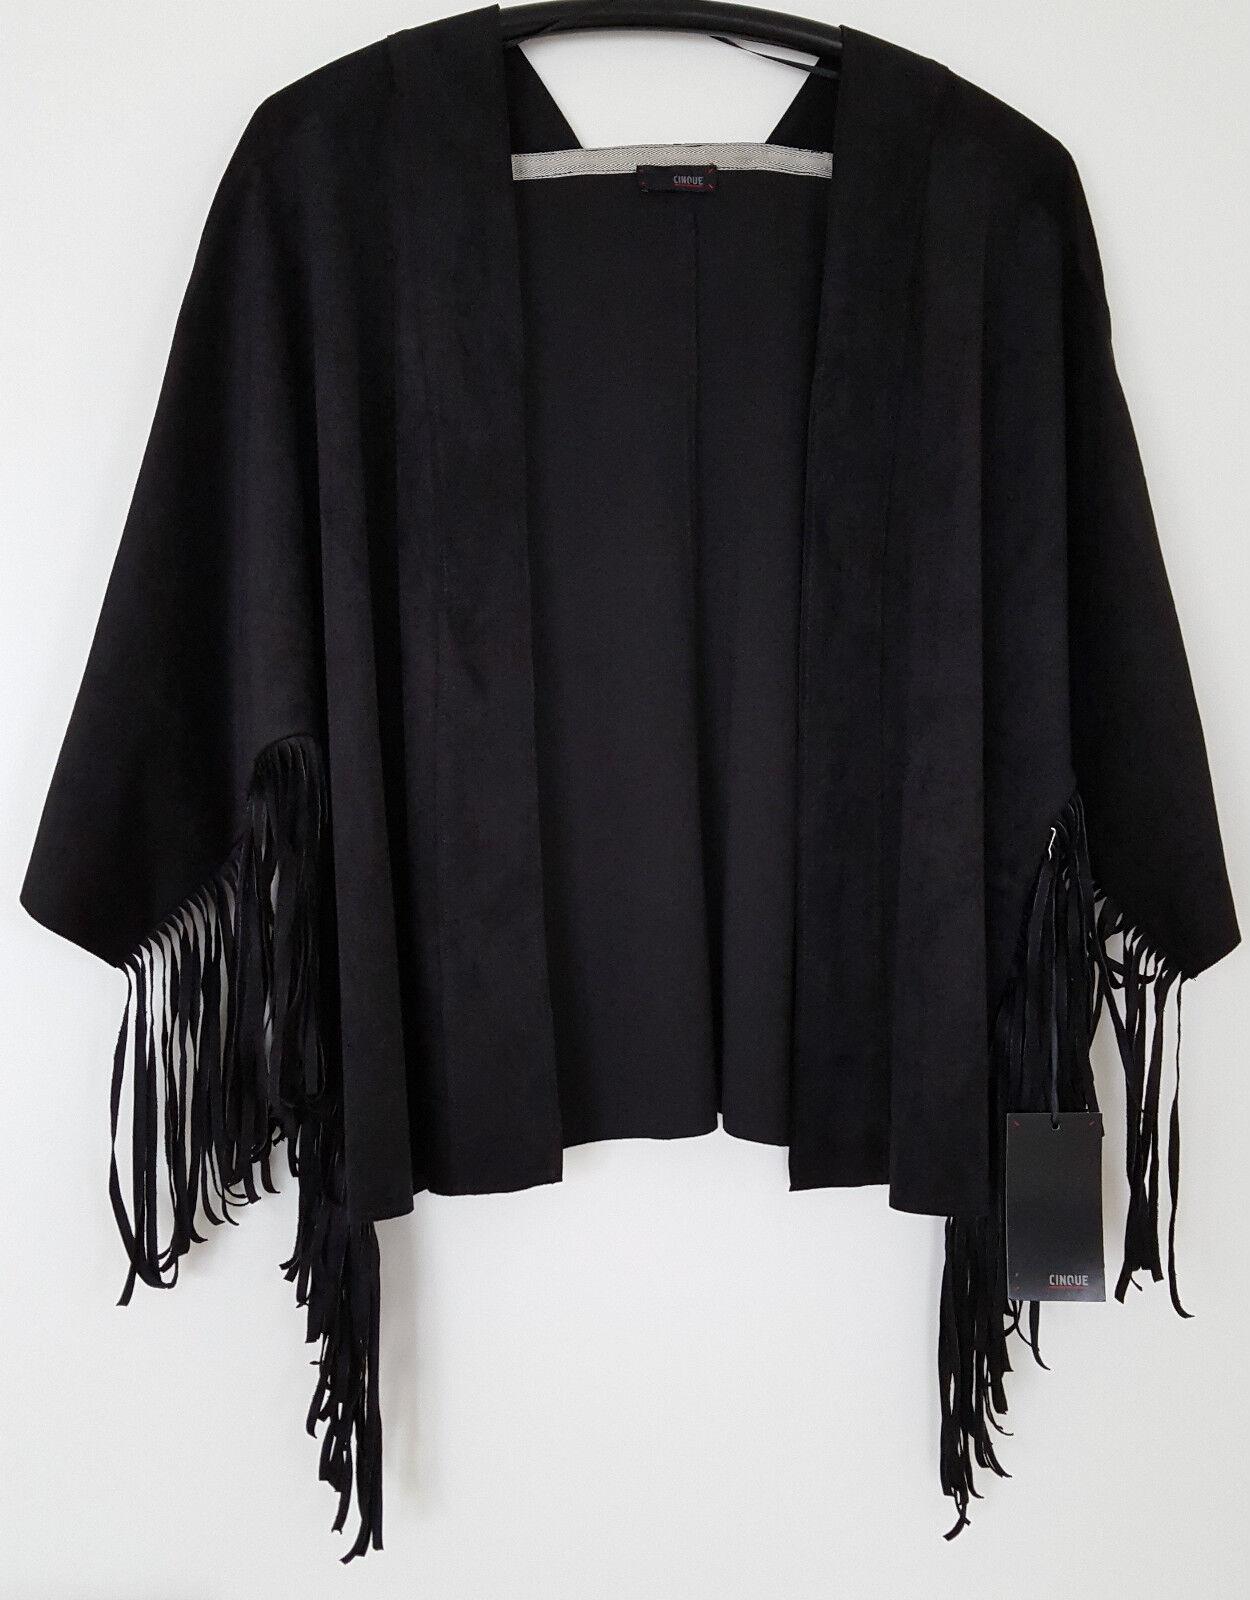 CINQUE Damen Jacke Fransenjacke Trendjacke Boho Schwarz Gr.38 NEU